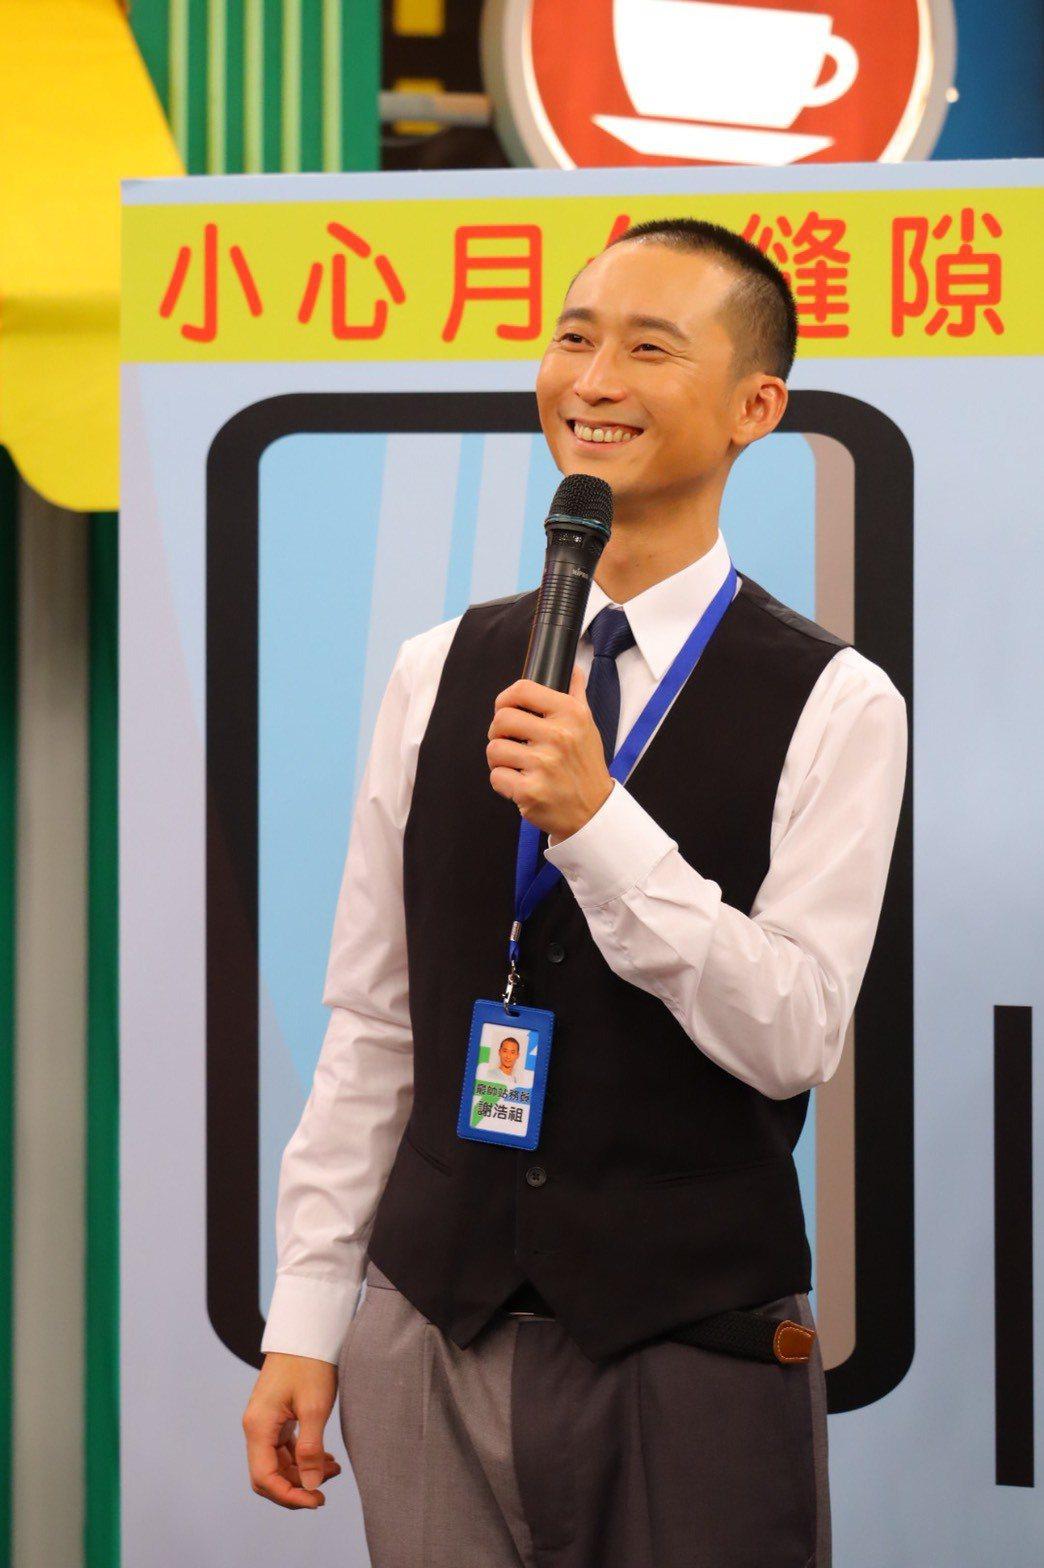 浩子最近發片,勤跑通告宣傳。圖/衛視提供